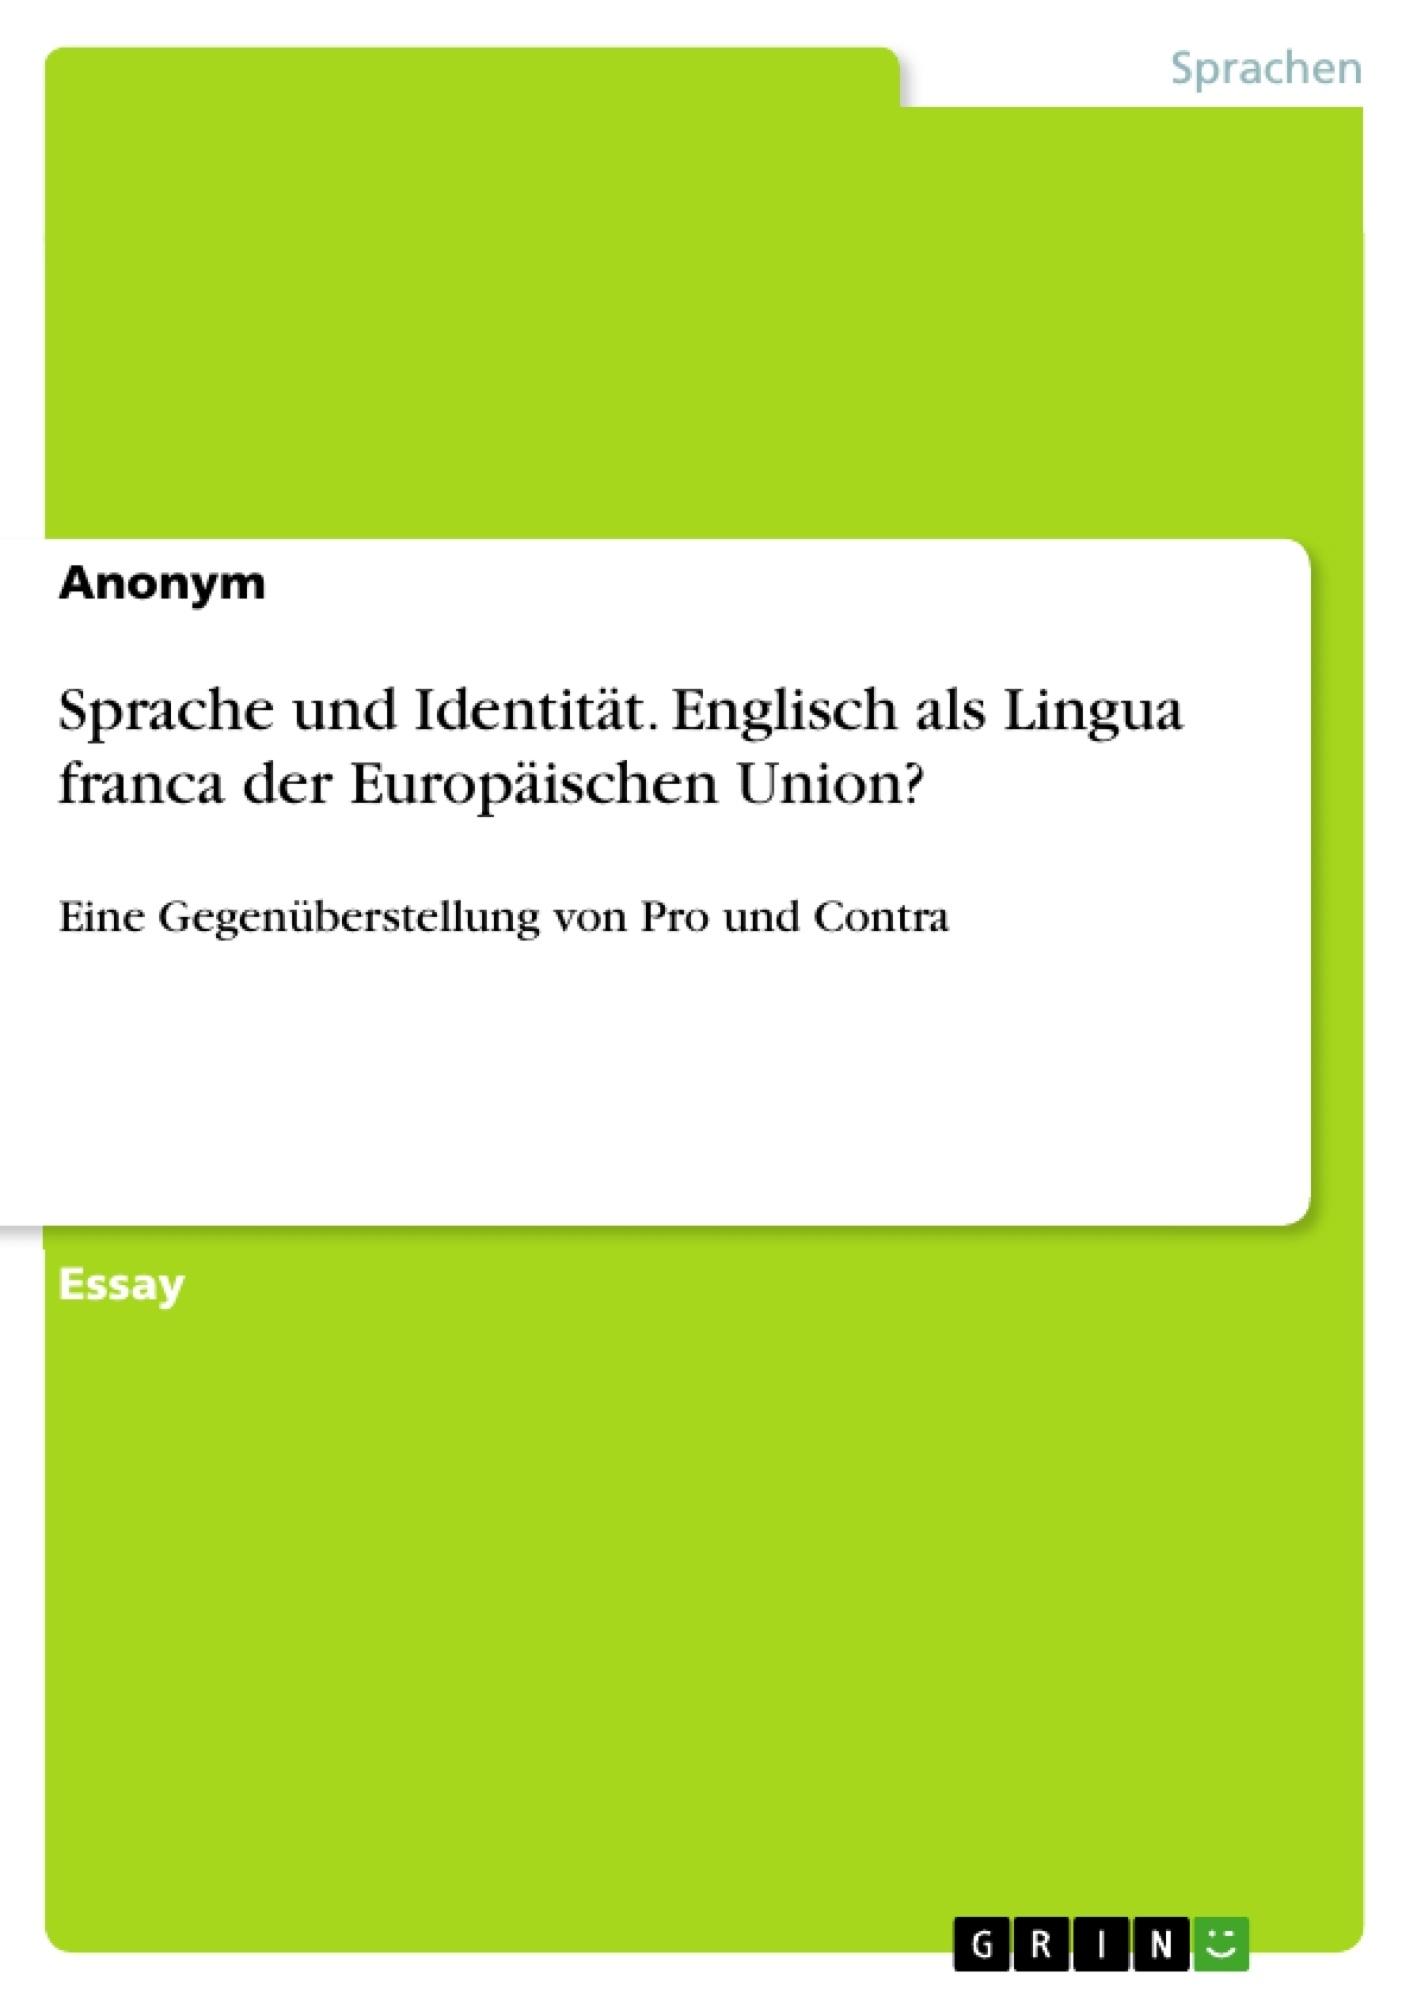 Titel: Sprache und Identität. Englisch als Lingua franca der Europäischen Union?